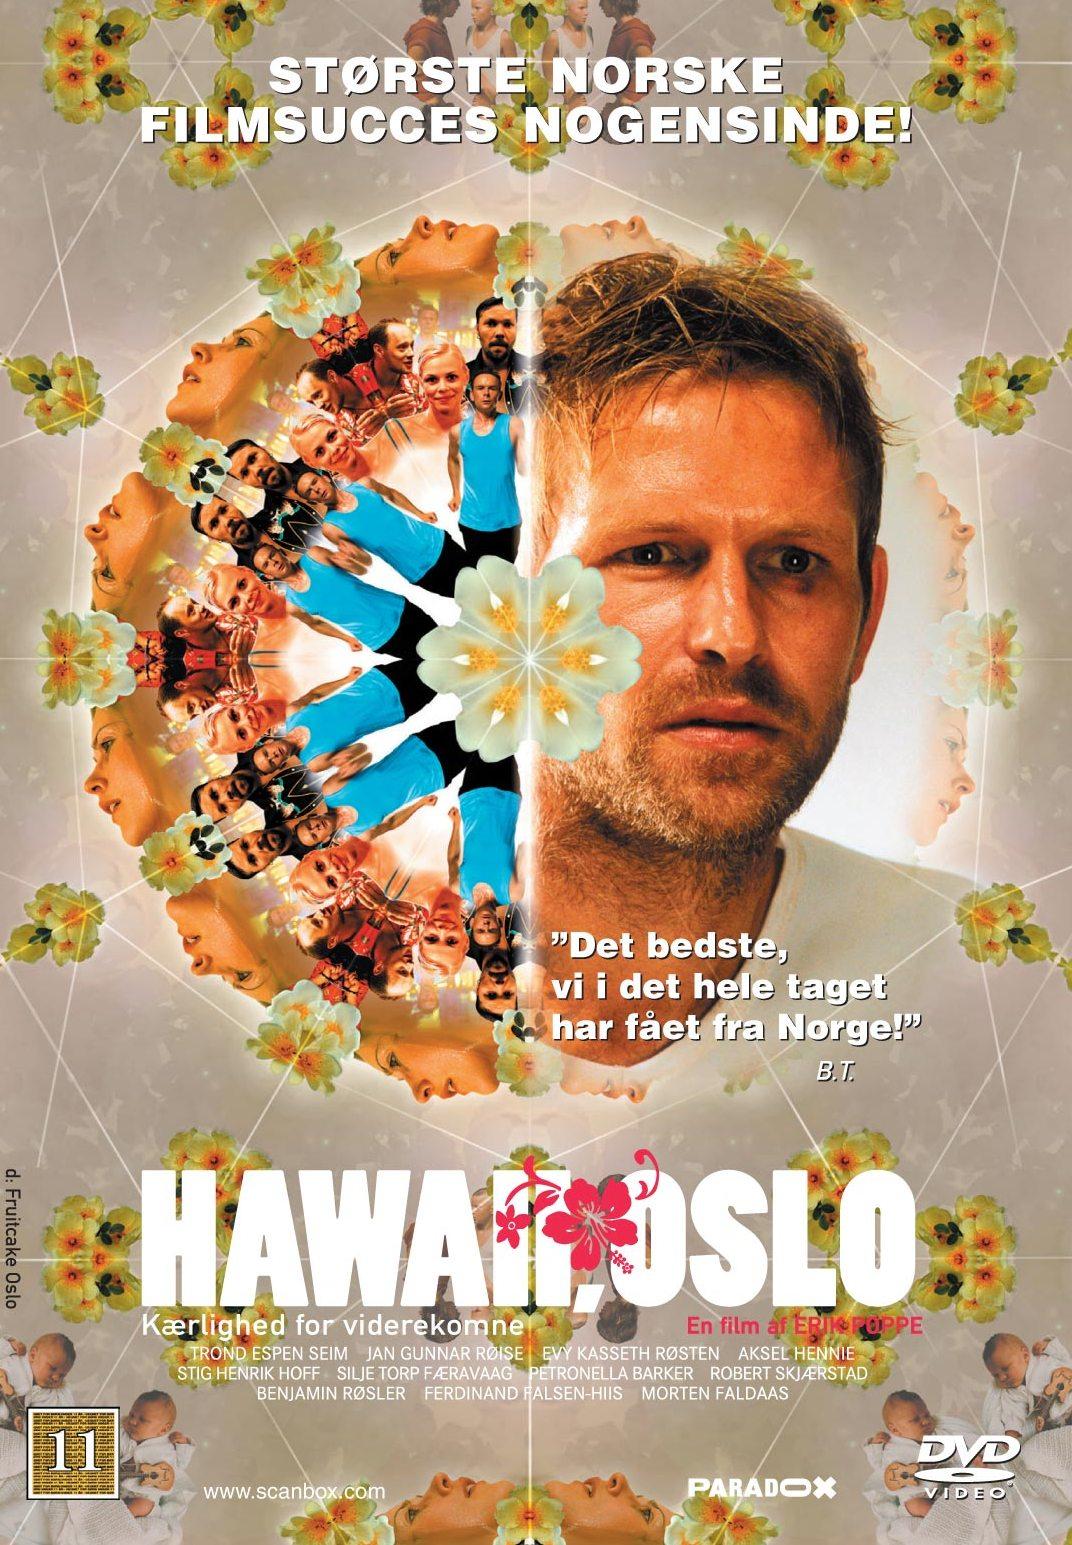 hawaii_oslo